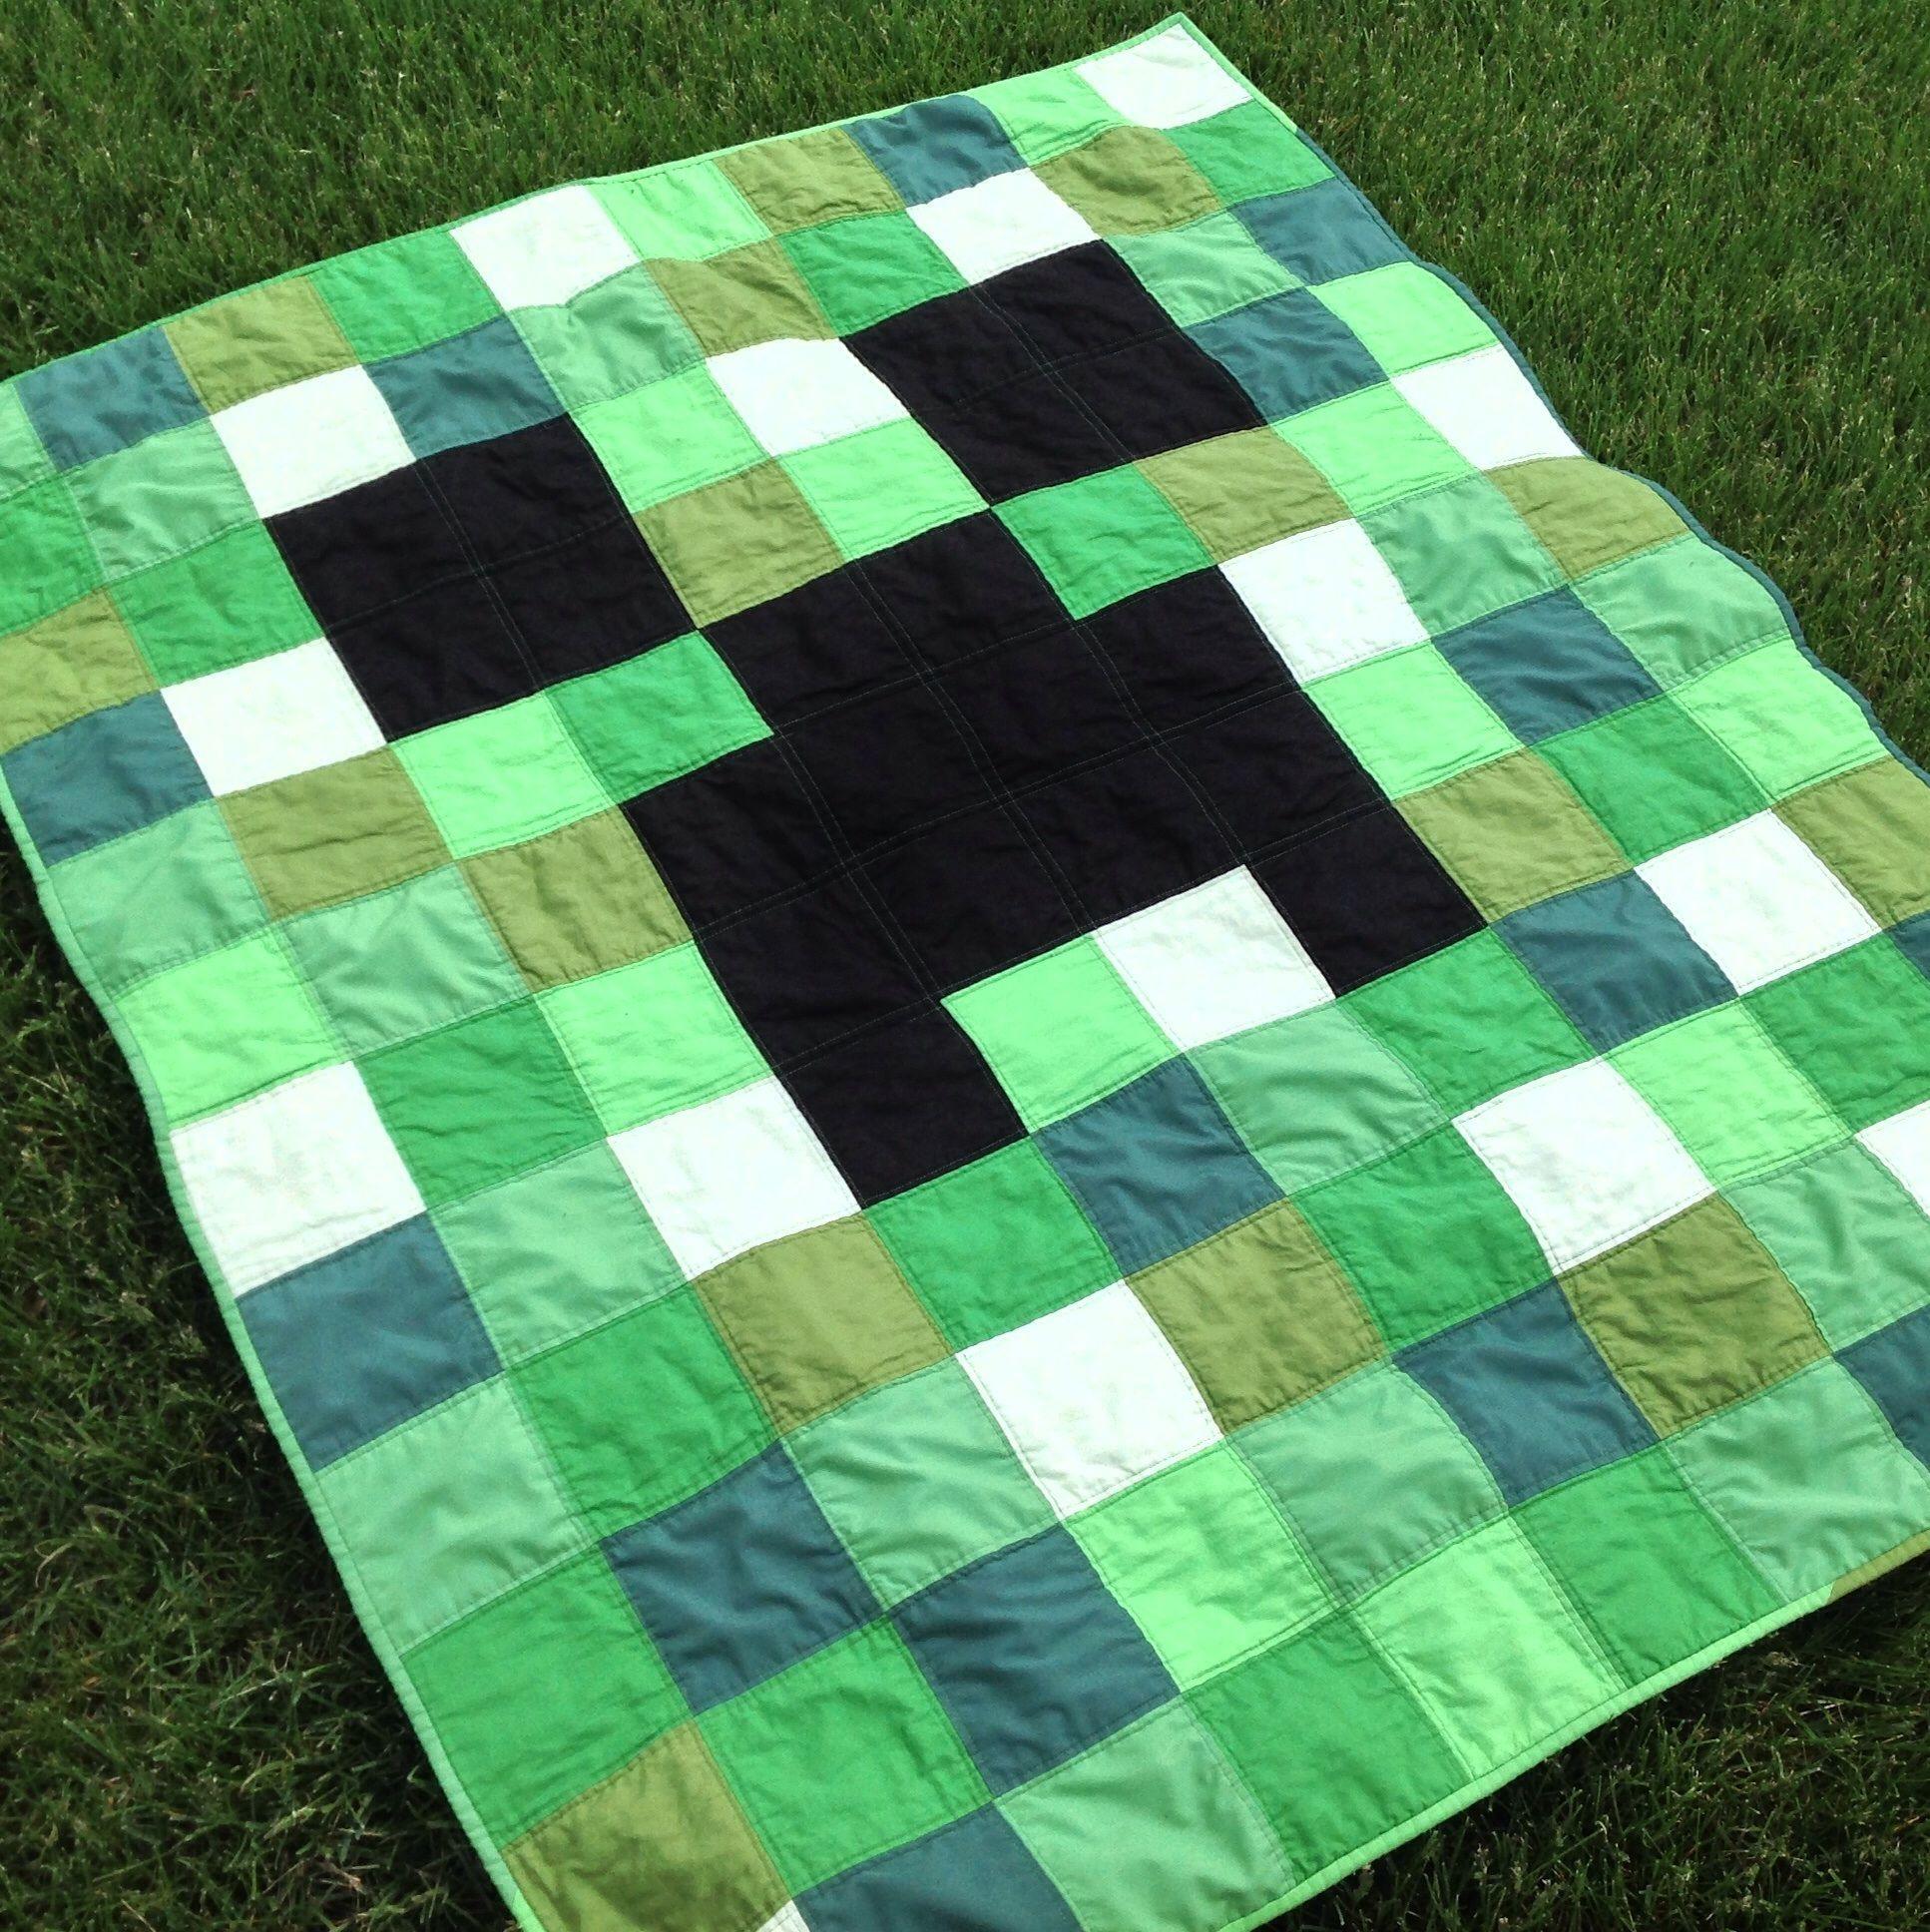 minecraft quilt cover - Google-Suche   Crafts/Basteln   Pinterest ...